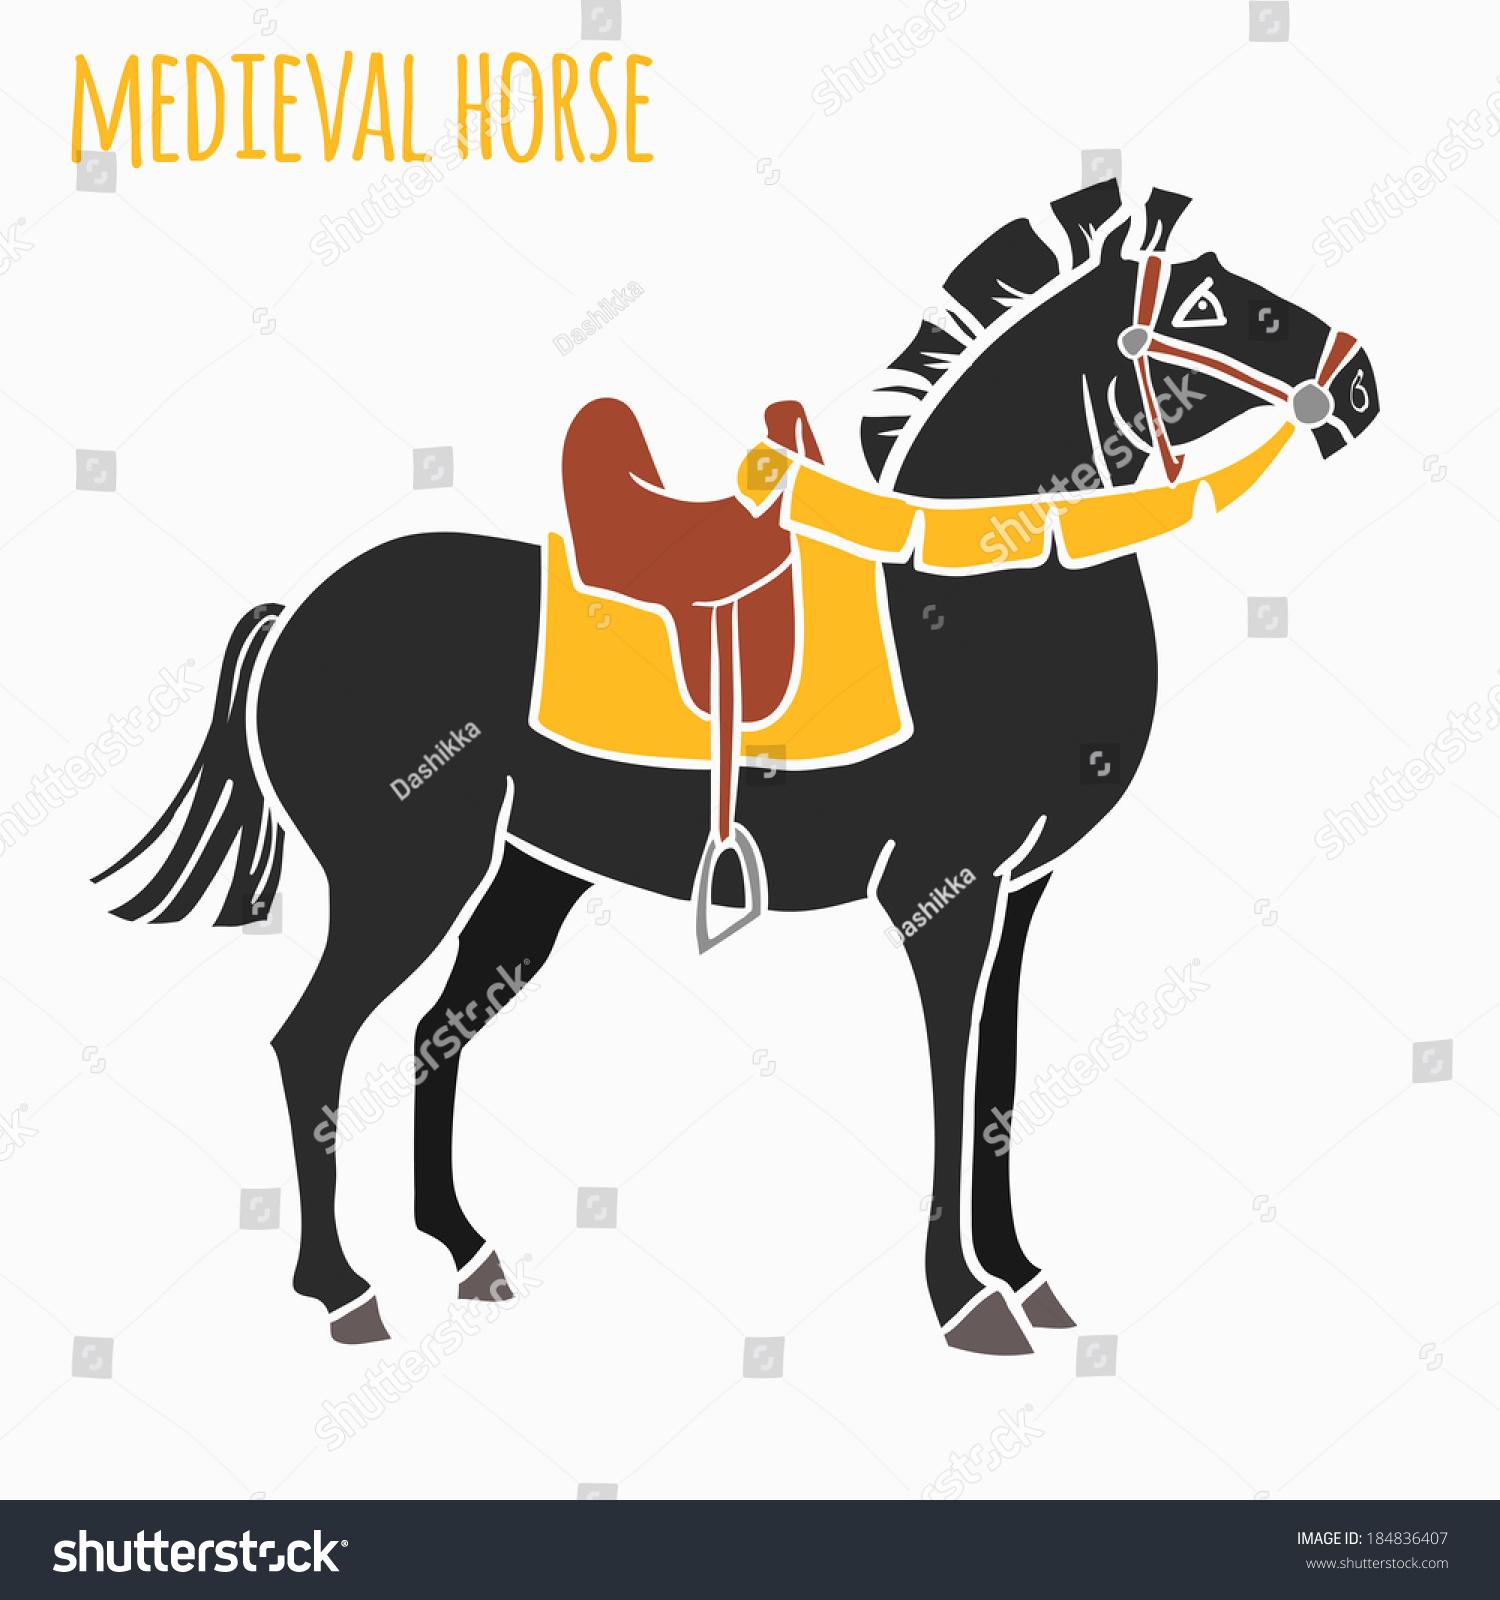 Vector De Stock Libre De Regalias Sobre Mediavel War Horse Vector Illustration184836407